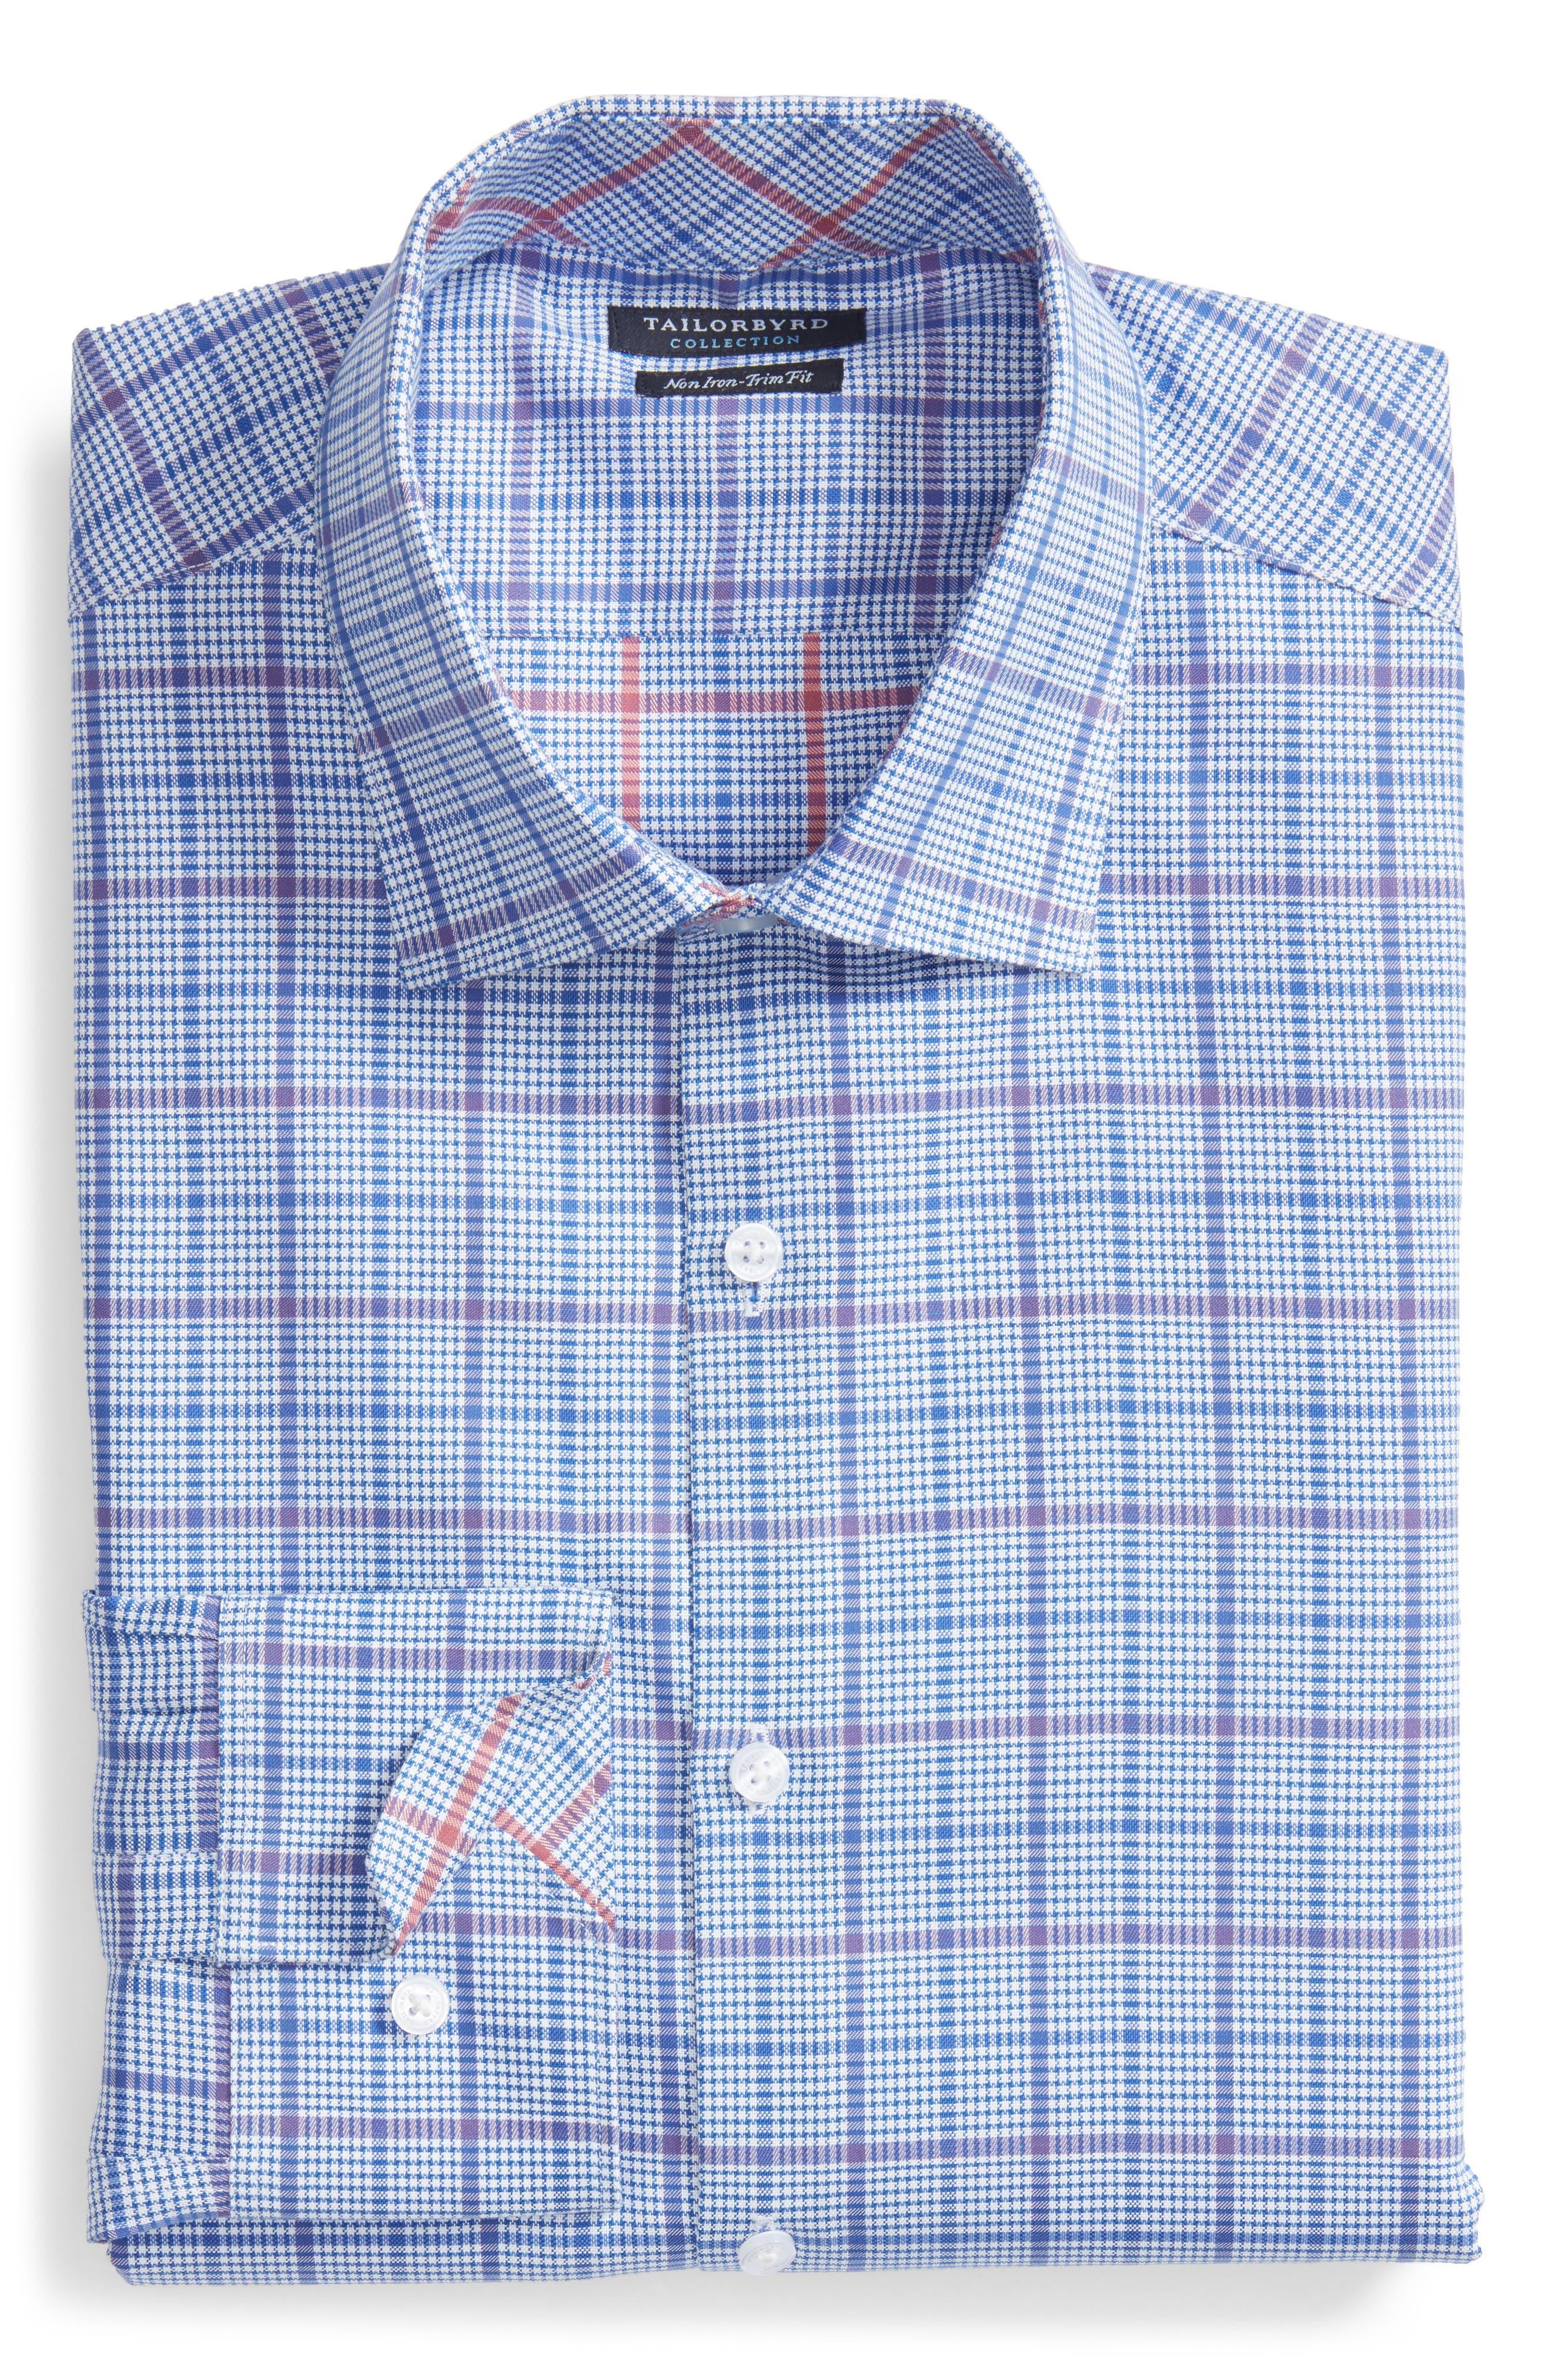 Kaden Trim Fit Plaid Dress Shirt,                             Alternate thumbnail 5, color,                             430